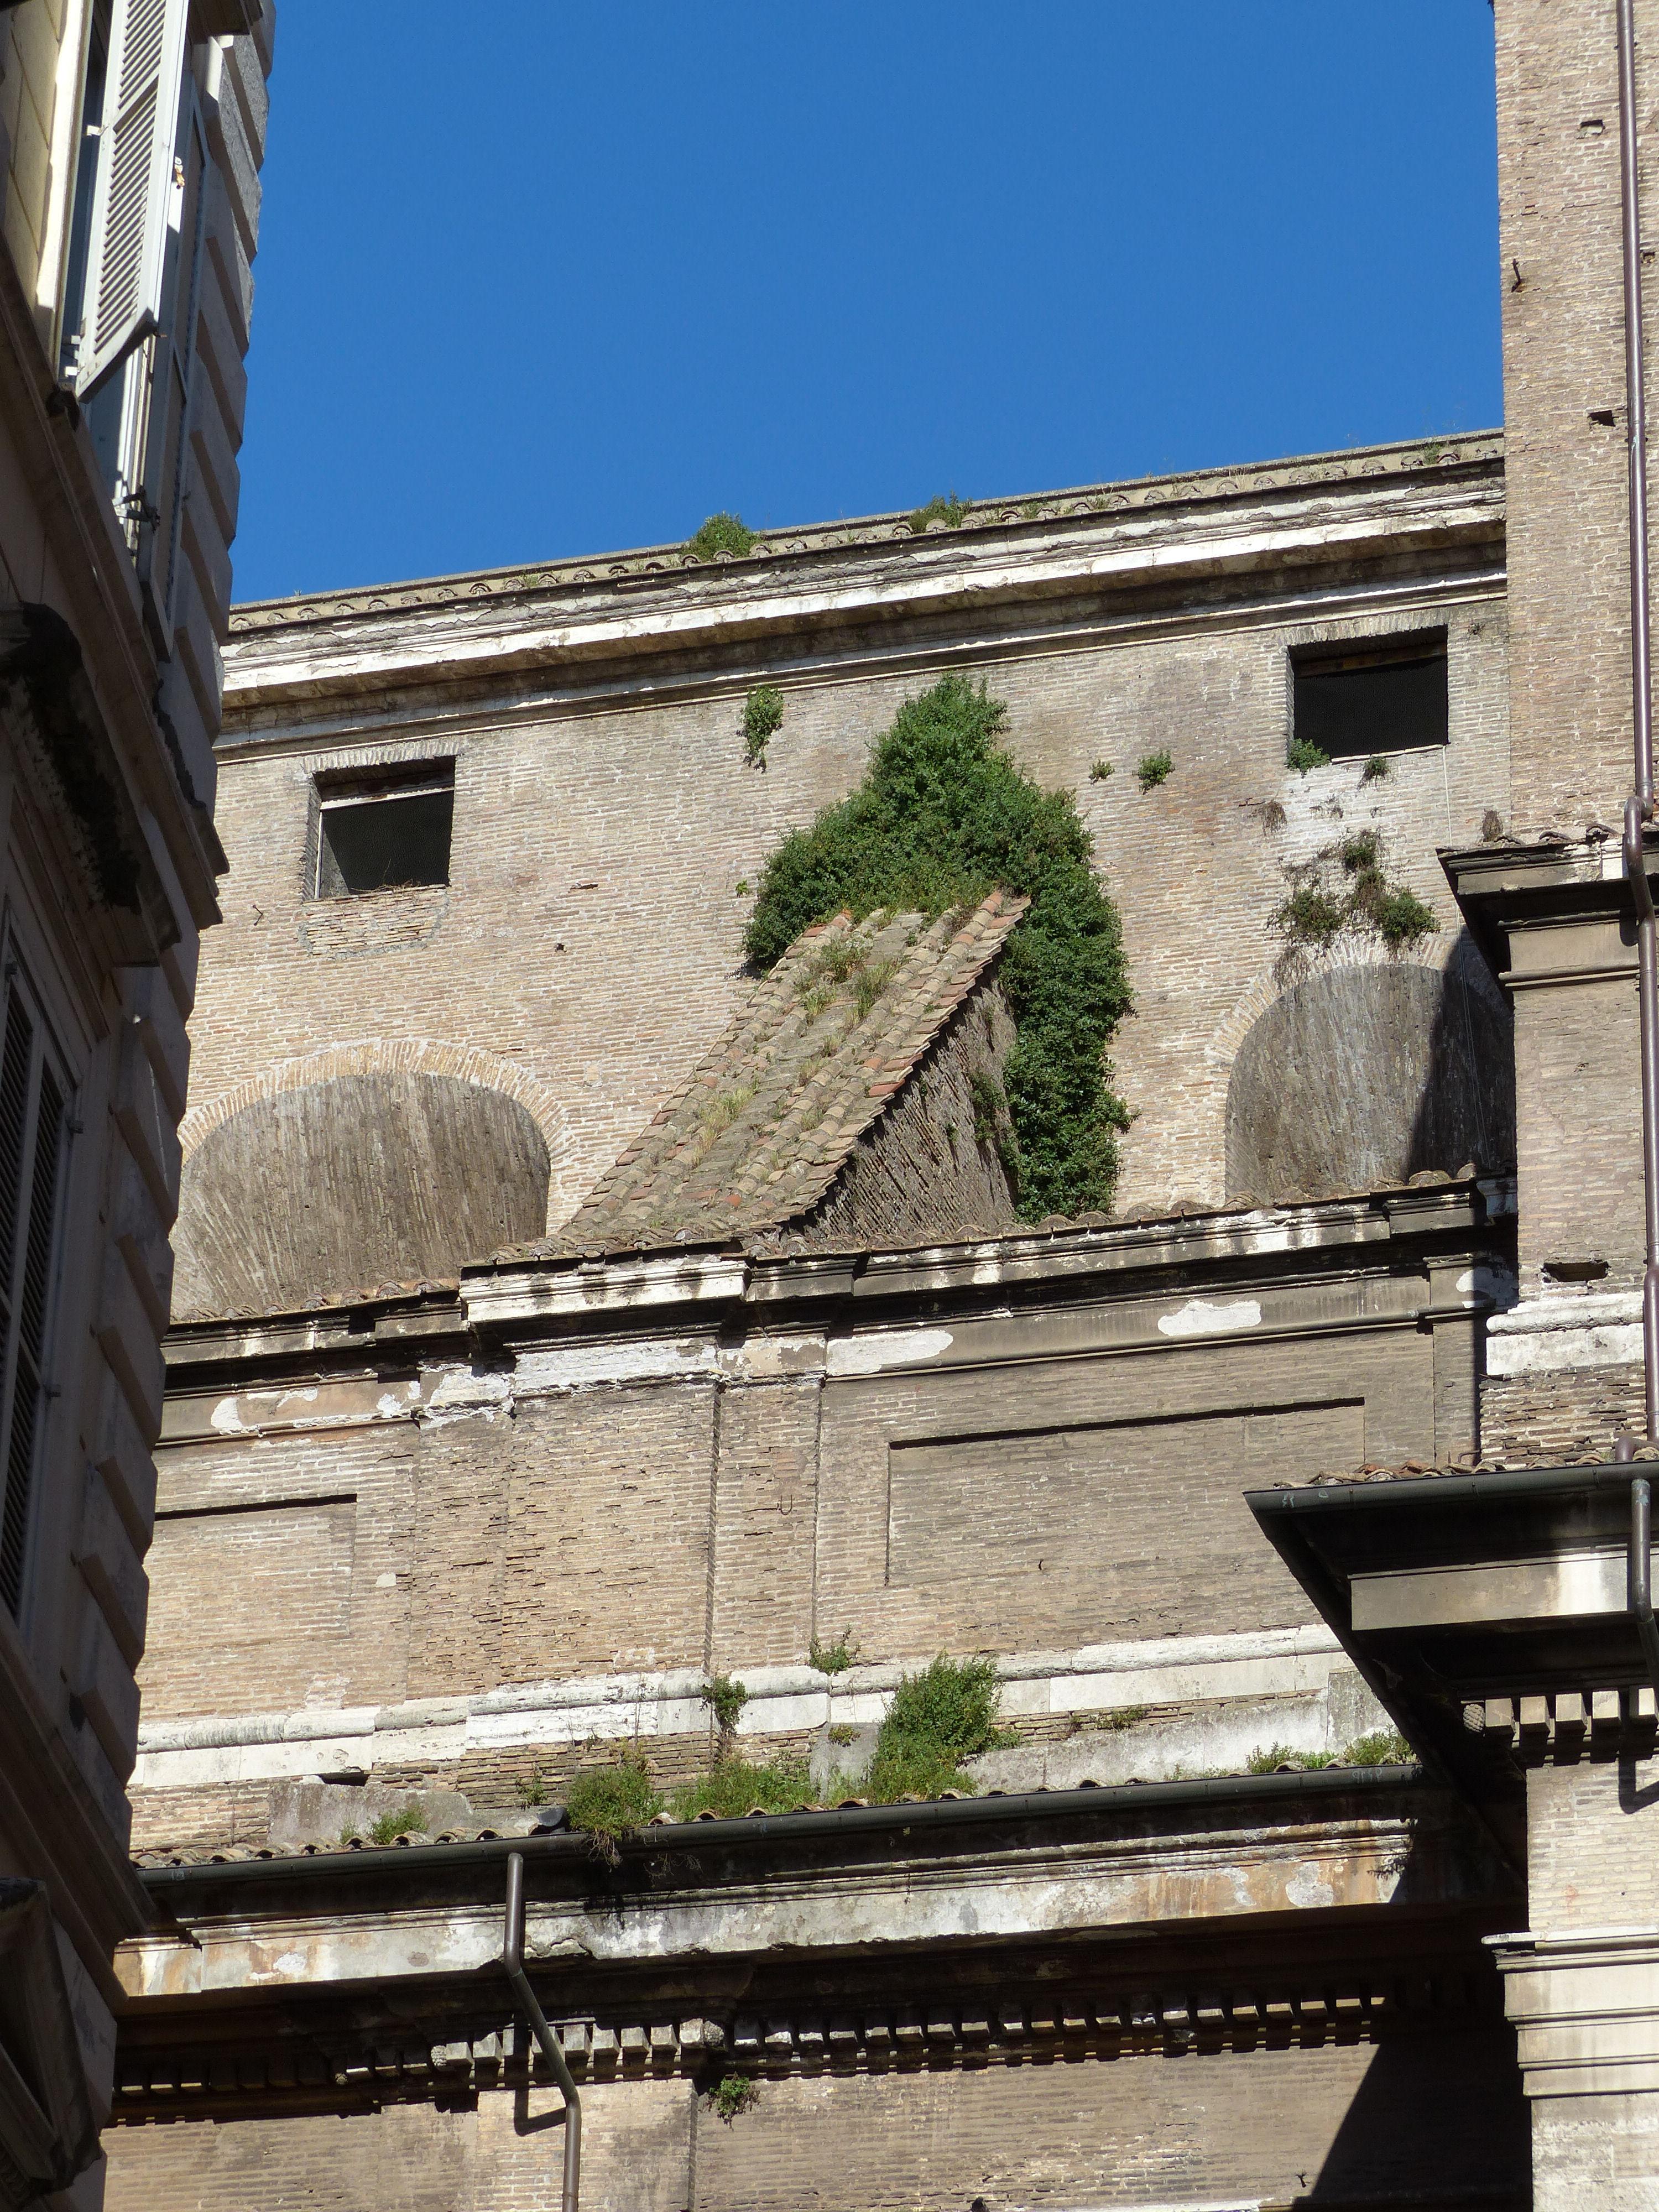 © Dipartimento di Scienze della Vita, Università di Trieste<br>by Andrea Moro<br>Chiesa di Sant'Ignazio di Loyola in Campo Marzio, Roma, Lazio, Italia, 23/03/2016<br>Distributed under CC-BY-SA 4.0 license.